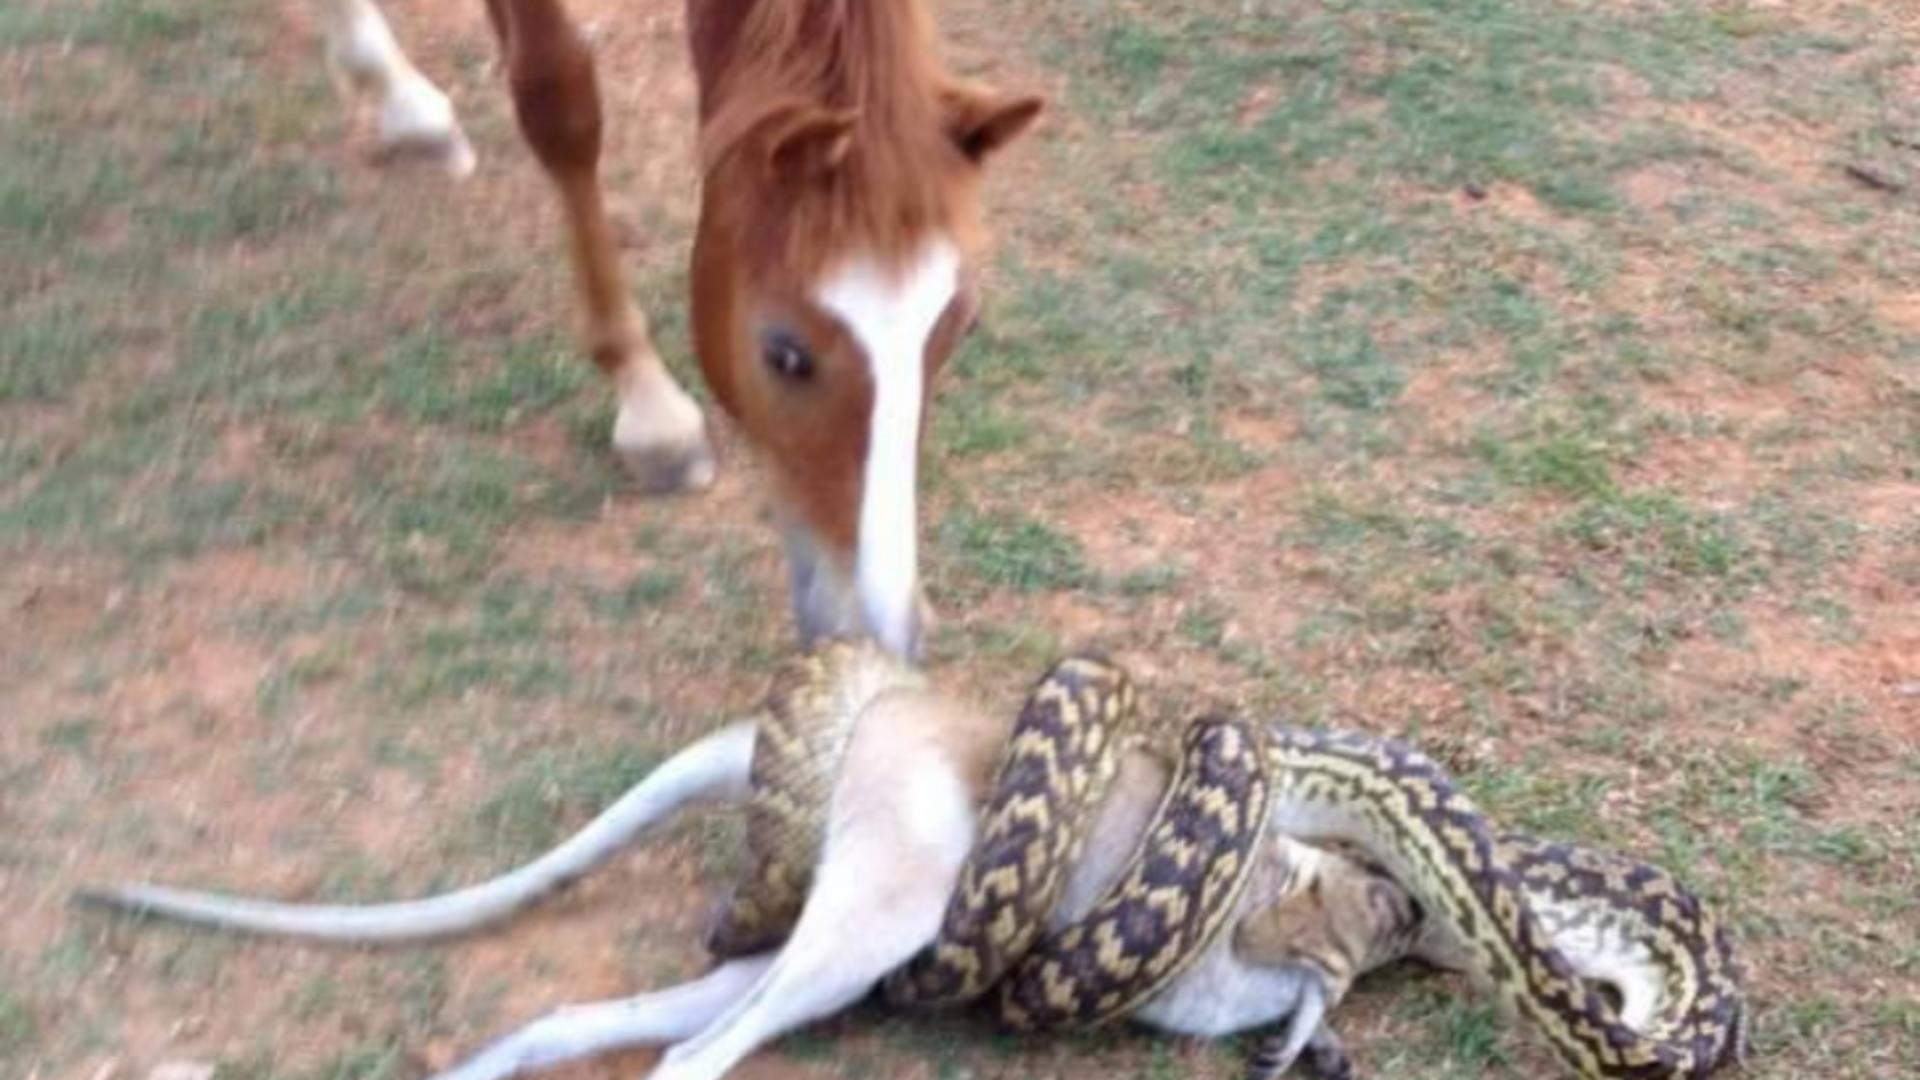 Un șarpe uriaș s-a încolăcit în jurul unui cangur pitic, care nu pare să mai aibă nicio scăpare